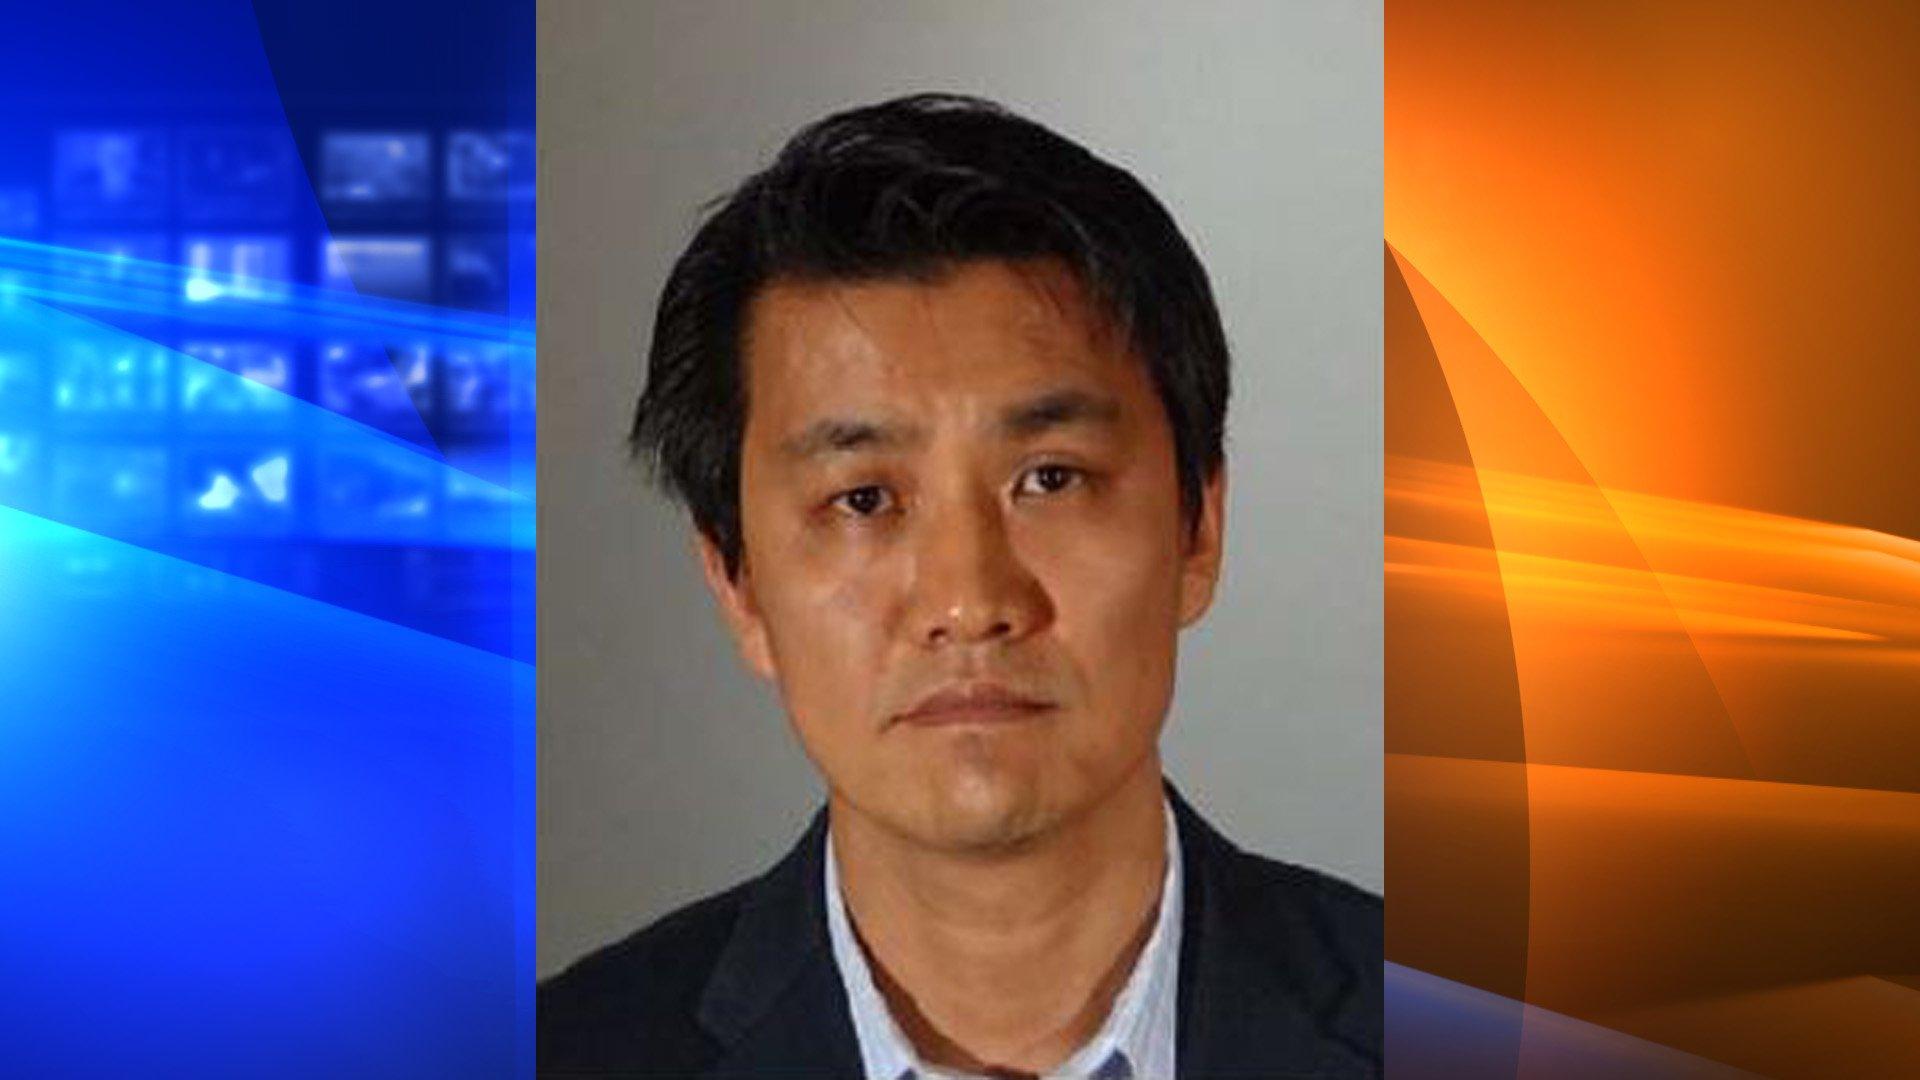 洛杉磯縣出現一位暴露狂,韓裔教授許東賢涉嫌在人前「露鳥」遭逮。洛縣警局